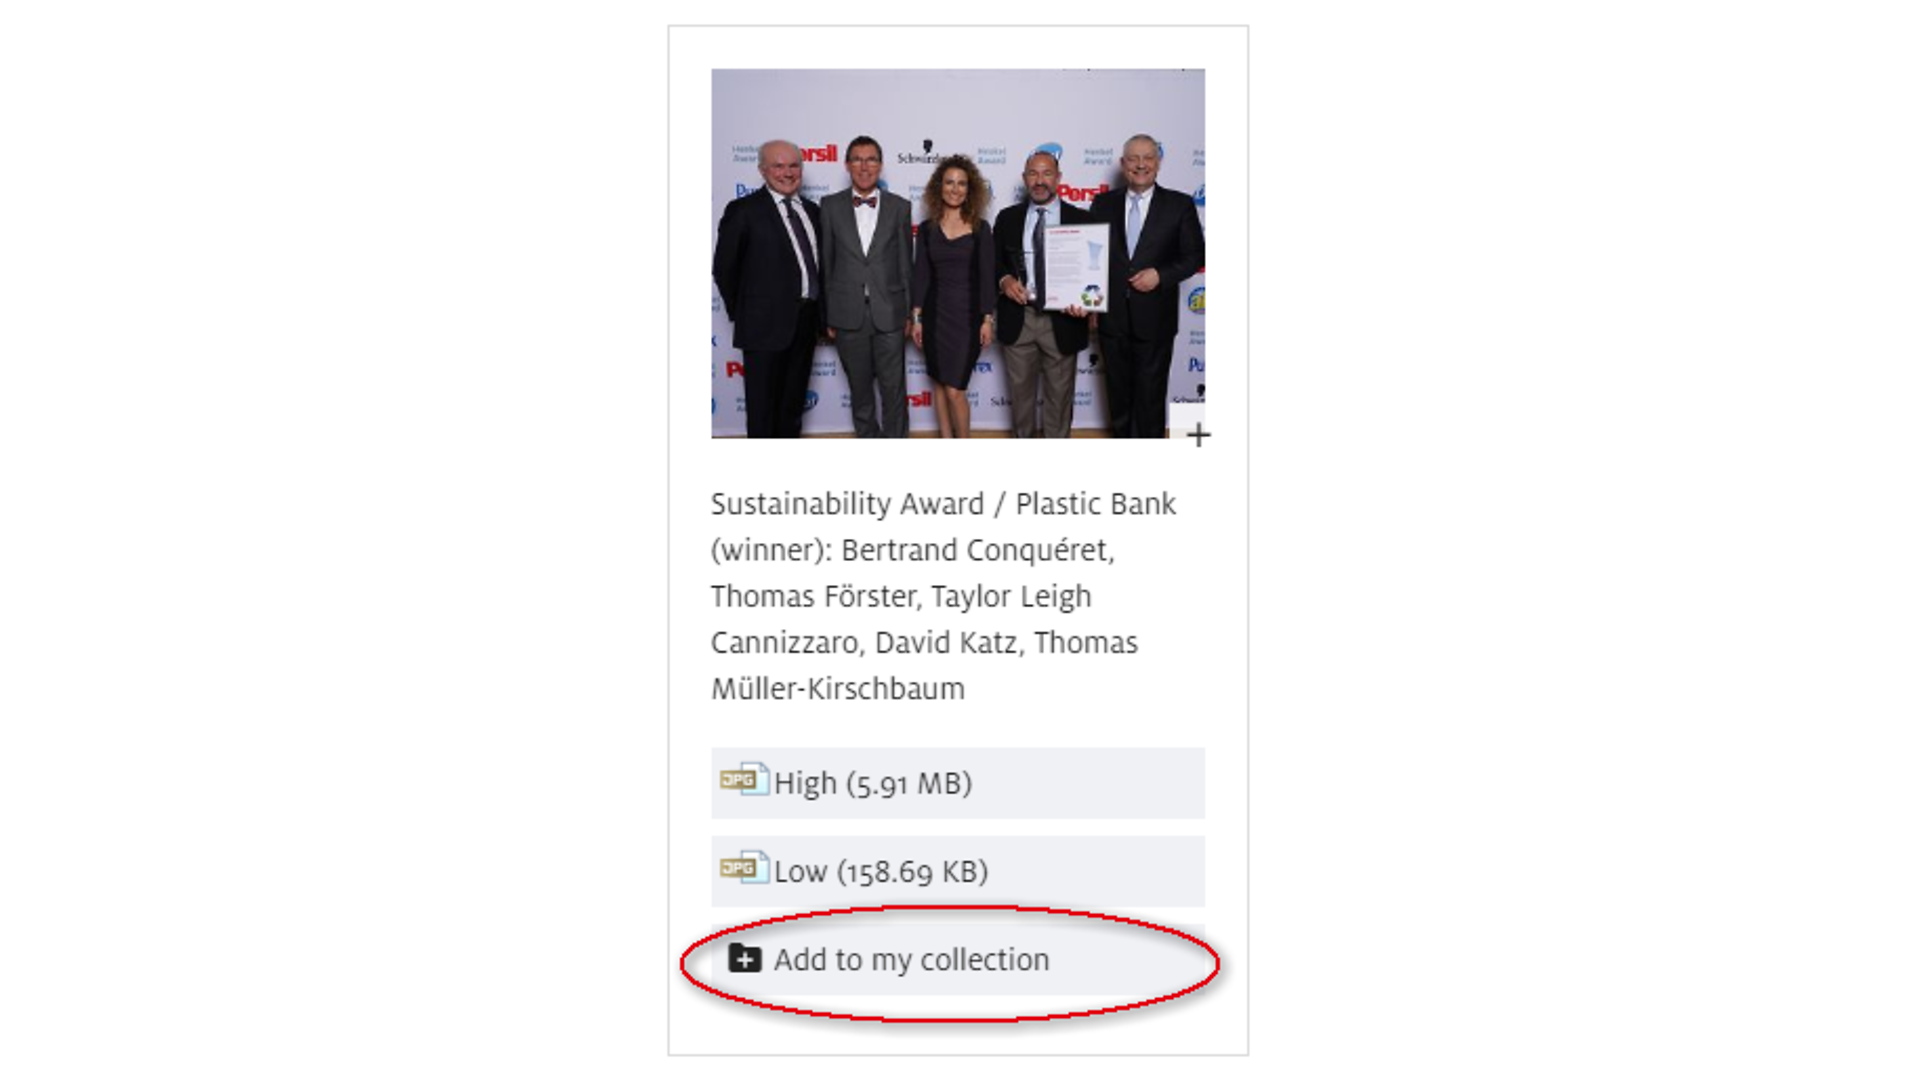 """Untuk menambahkan unduhan, gambar, video, dan kontak secara satu per satu ke dalam koleksi pribadi Anda, klik tombol """"Tambahkan ke Koleksi Saya"""" yang berada di halaman tersebut."""